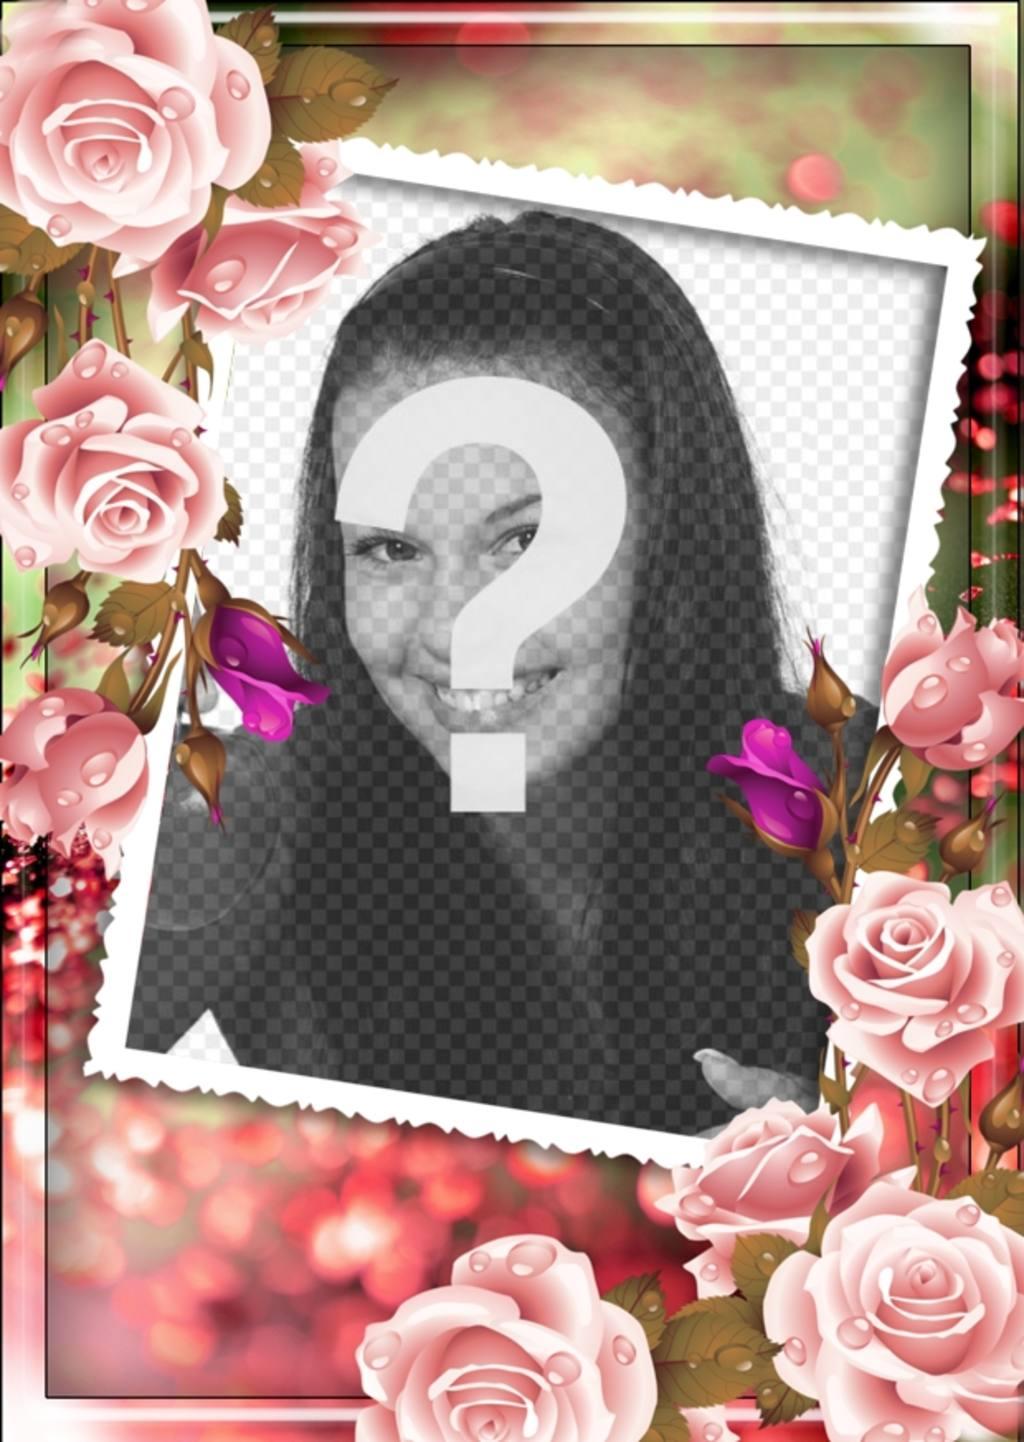 Cadre photo avec des roses autour et un fond rose et vert brouillé à personnaliser avec photo et texte